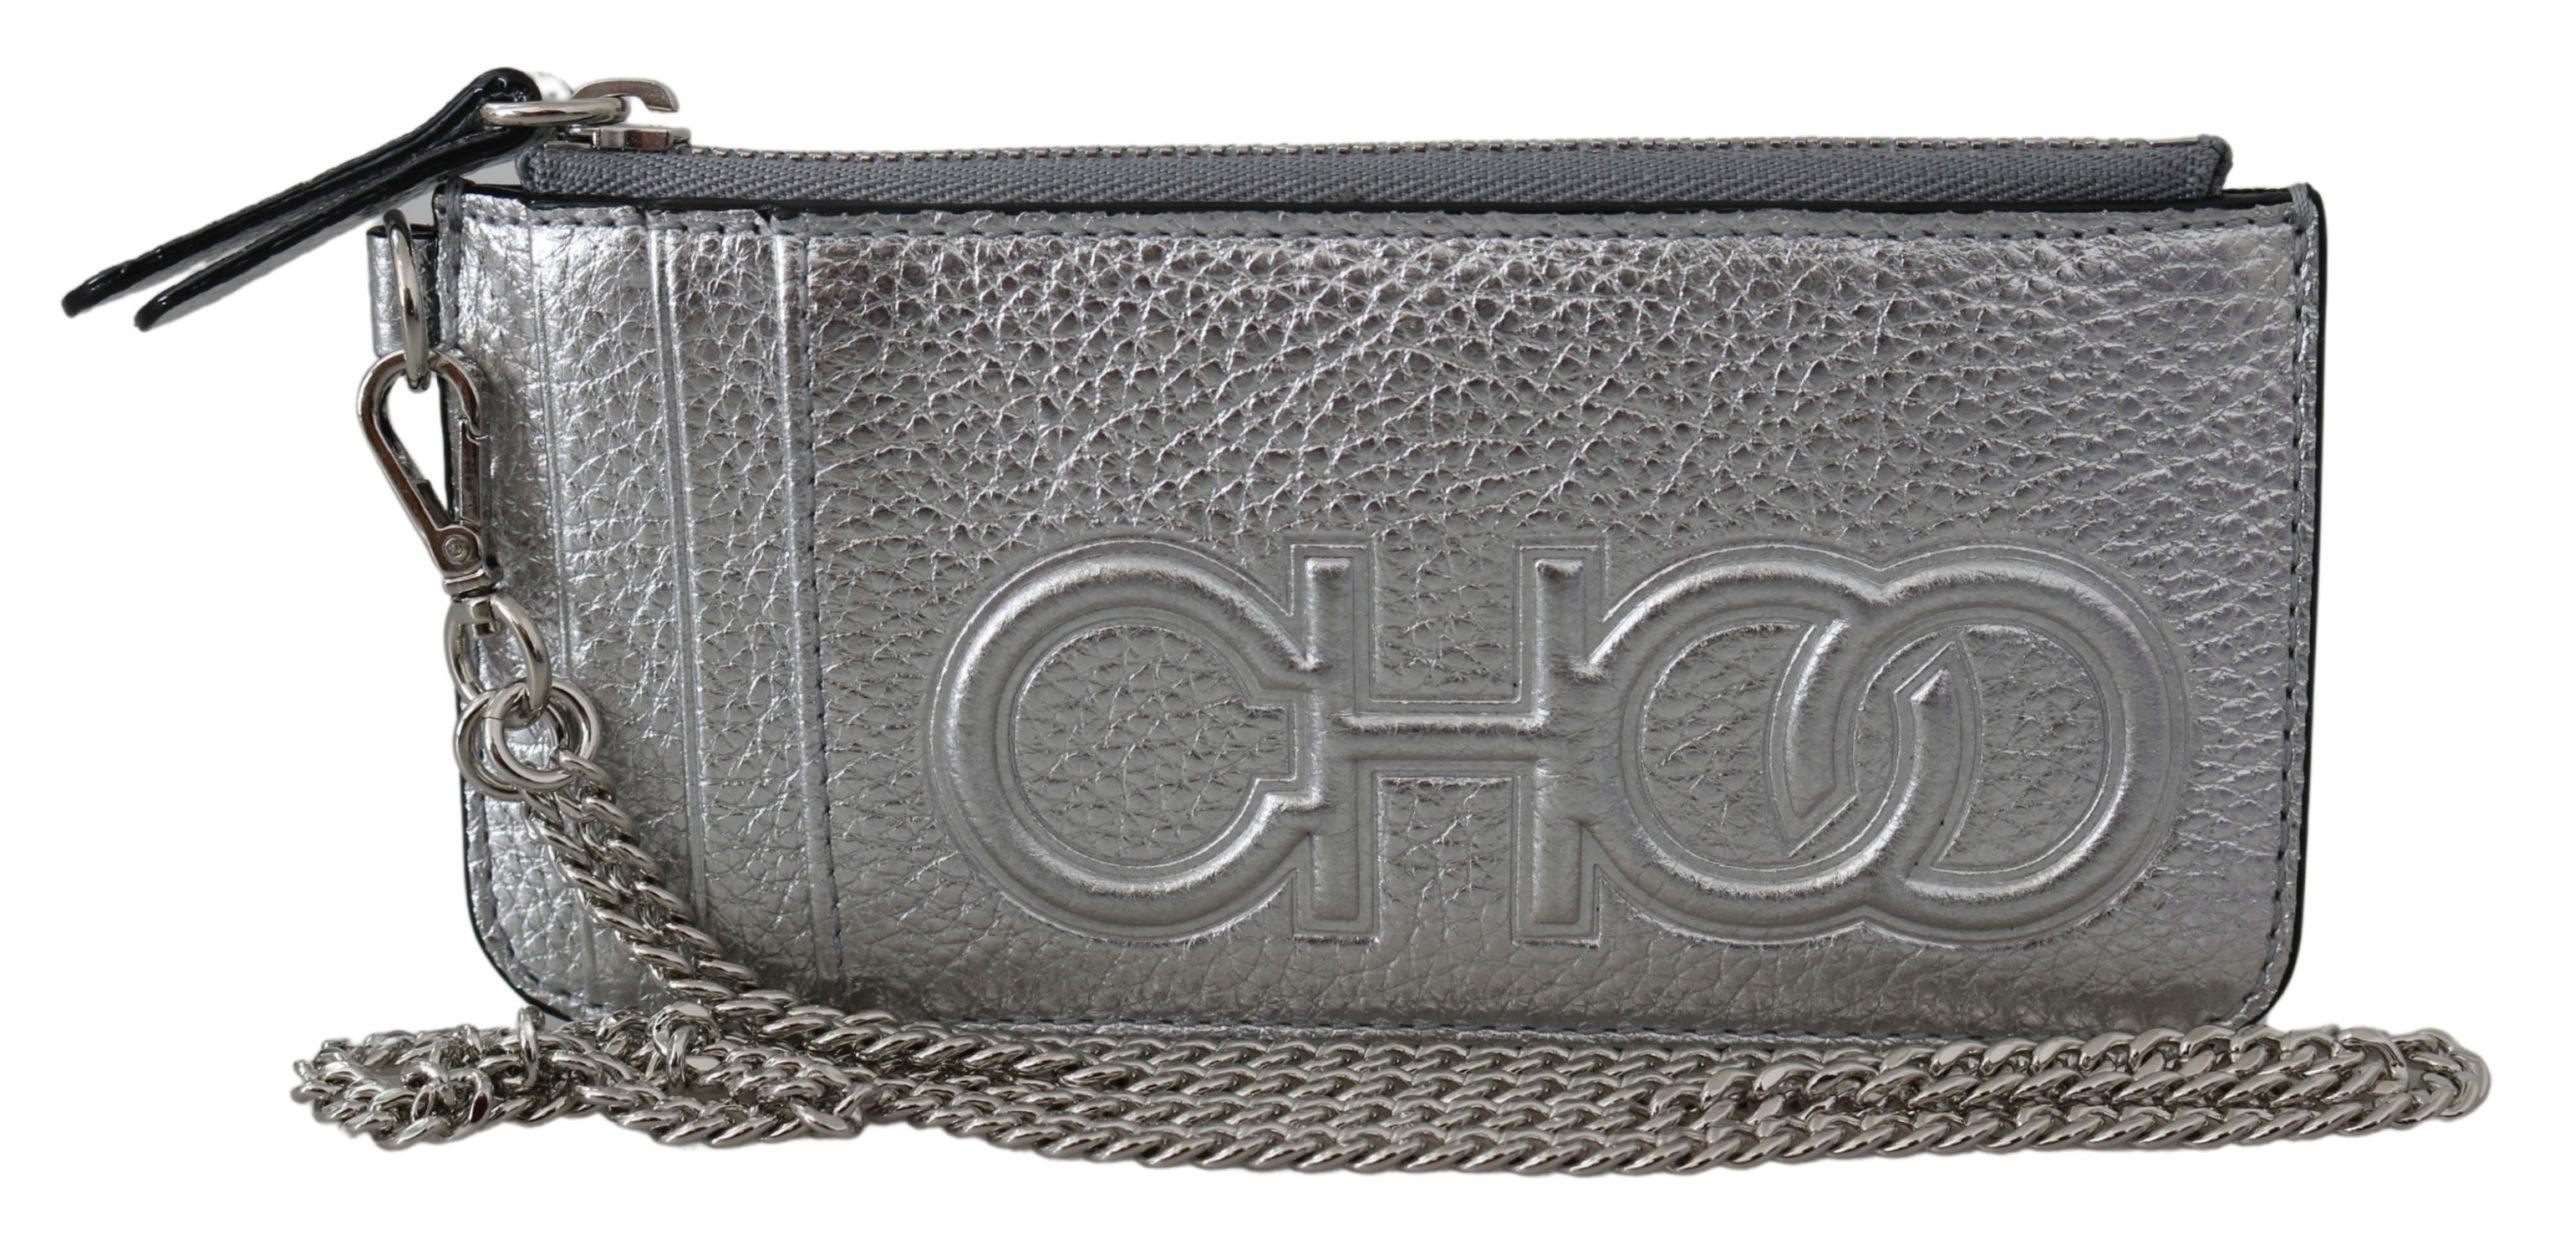 Jimmy Choo Women's Lusse Chain Wallet Silver 1435997